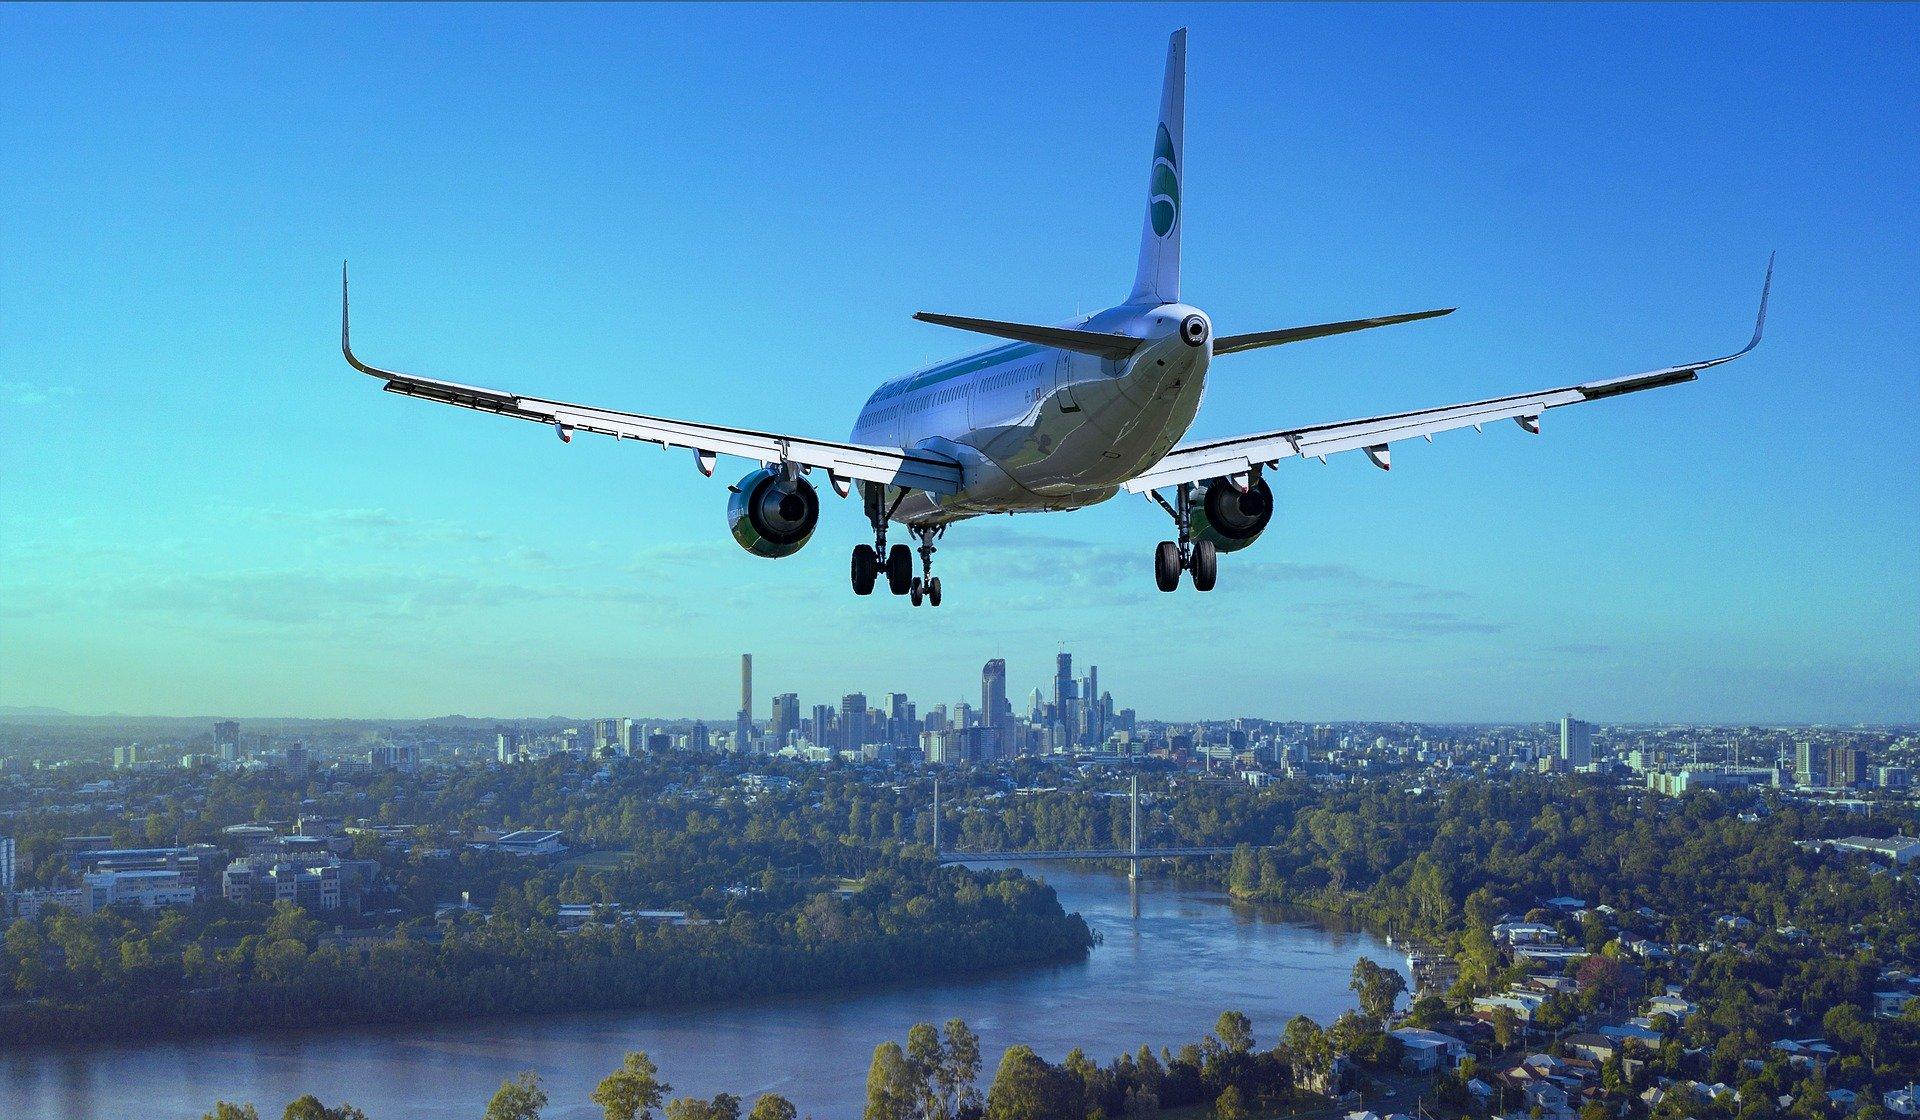 Szeroki wybór wycieczek zagranicznych w okazyjnej cenie. Sprawdź ofertę first minute 2020 Pabianice